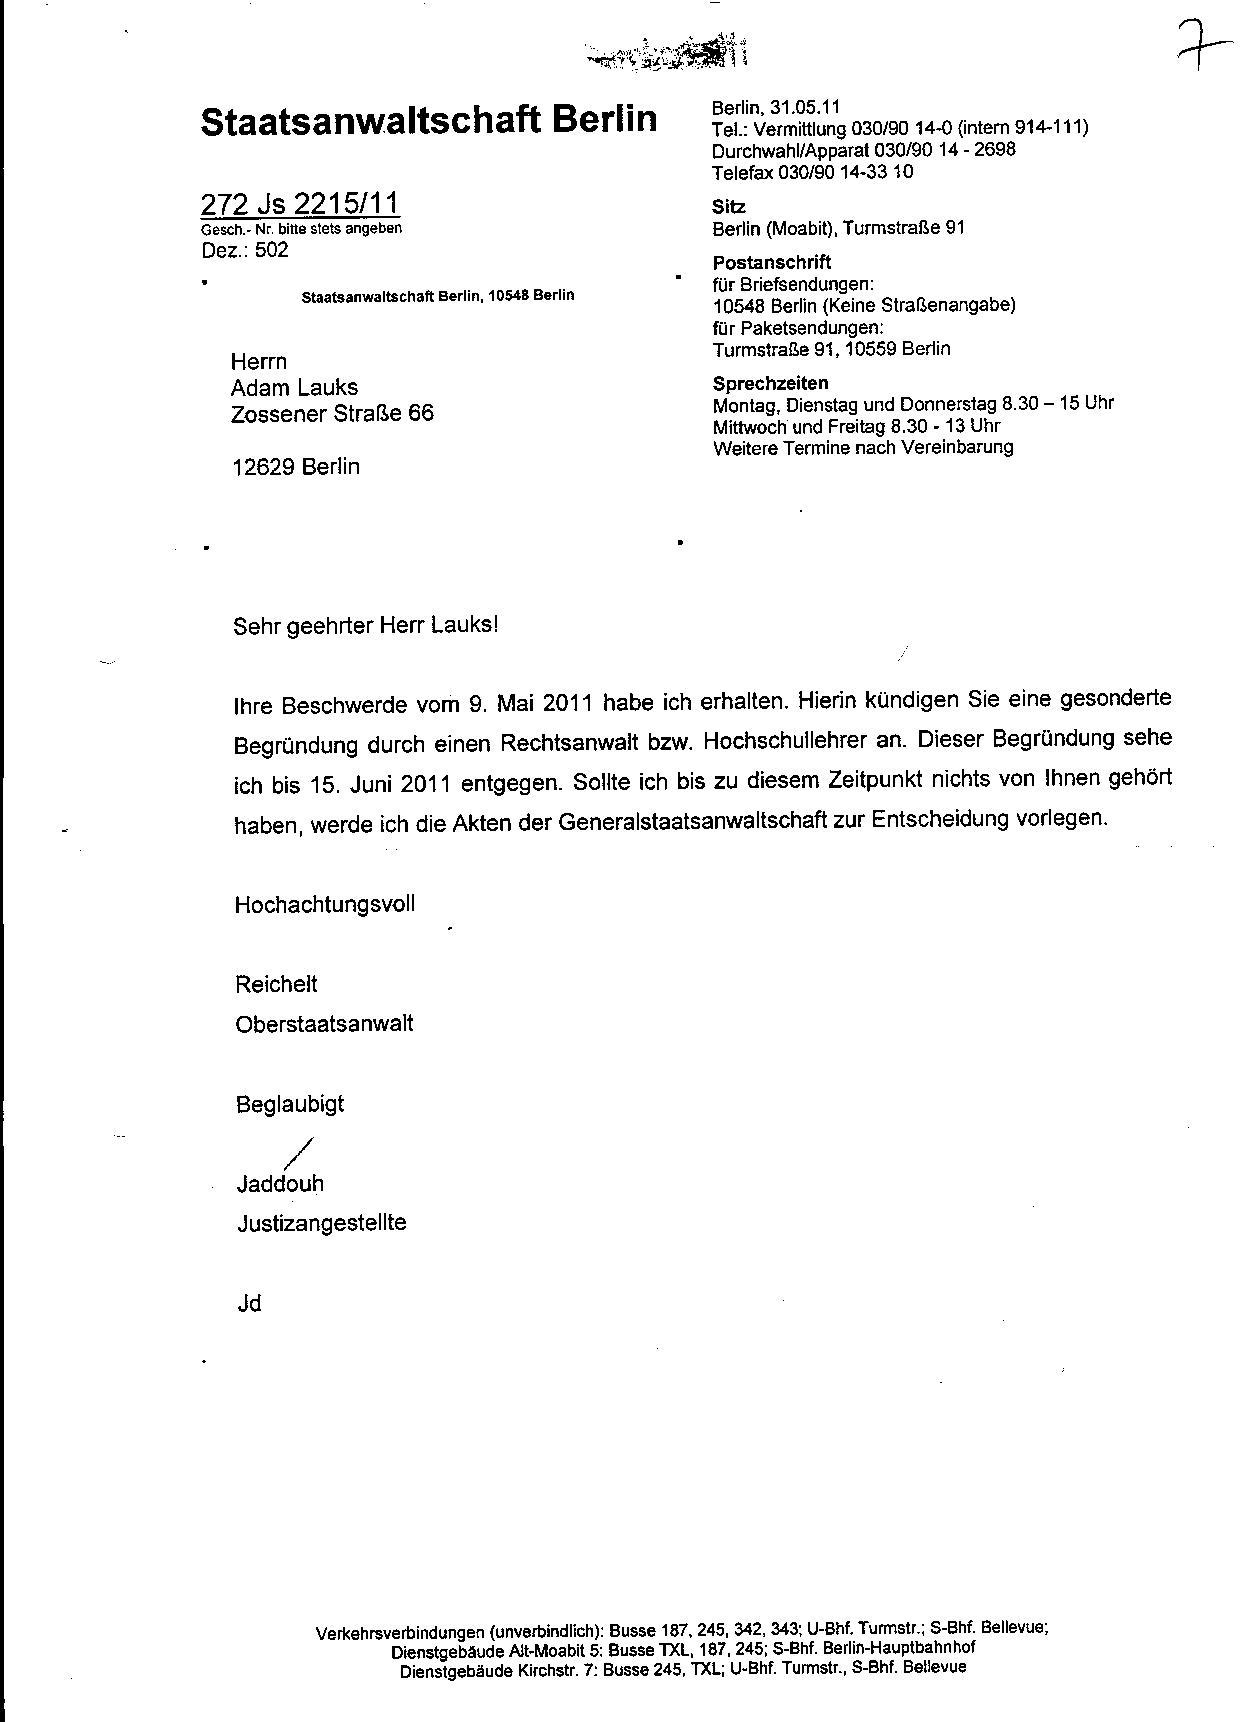 Ermittlungsverfahren auf Strafantrag wg. Folter 272 Js 2215 -11 013